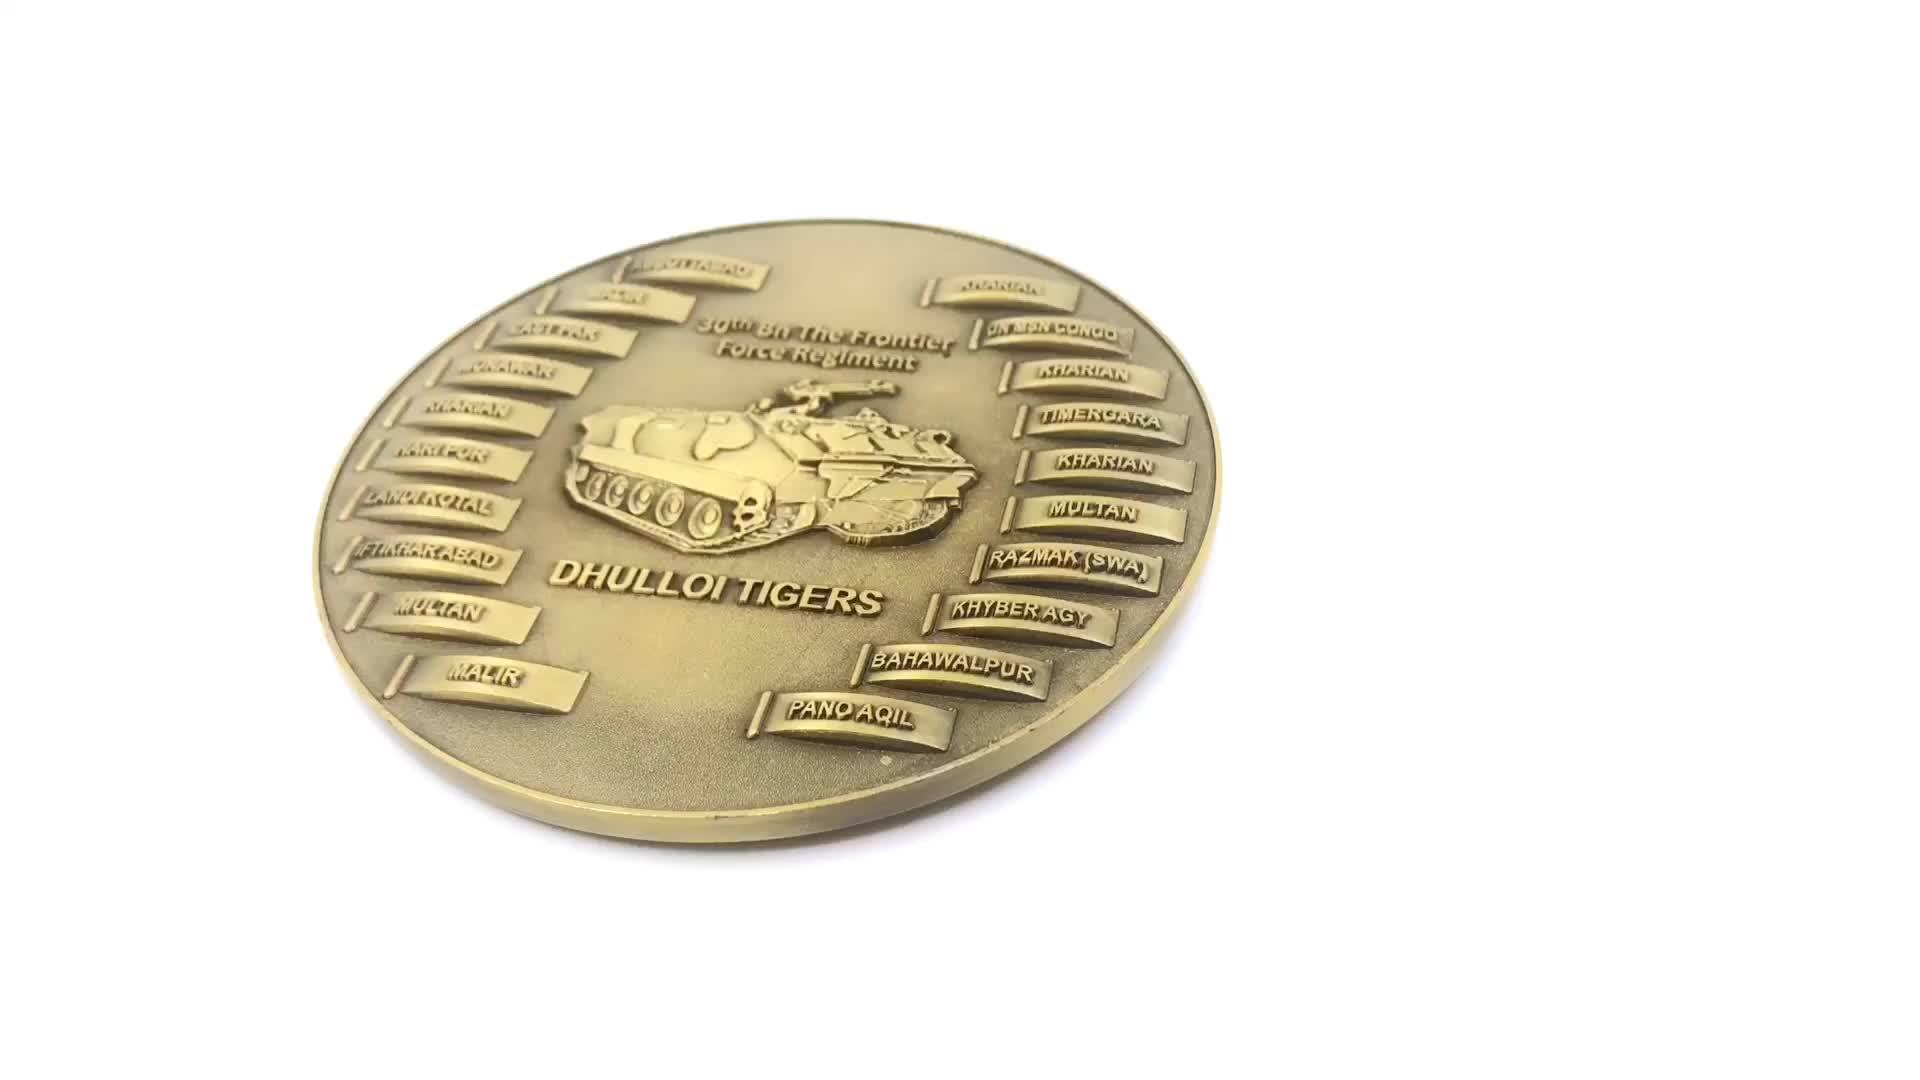 最高価格古代コイン歳格安カスタムコイン販売のため